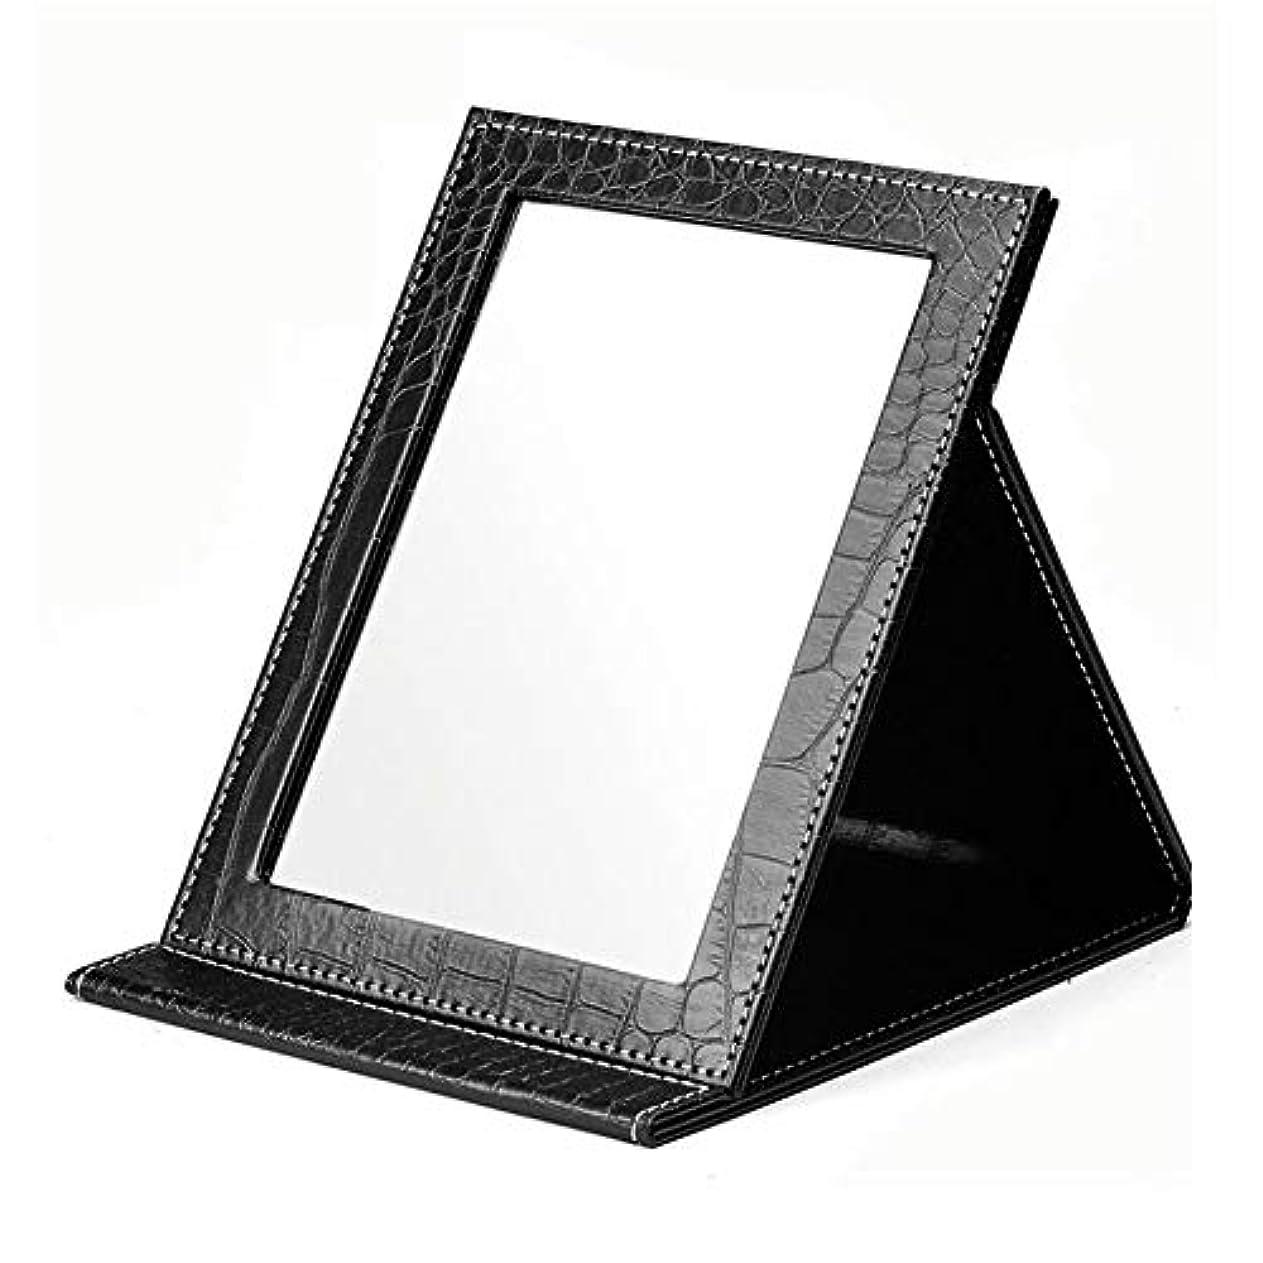 ミラーフォールドメイクアップミラー大型メサドレッシングミラーHDポータブルミラー小型デスク寮の部屋リビングルーム美容 (Color : Black, Size : S)